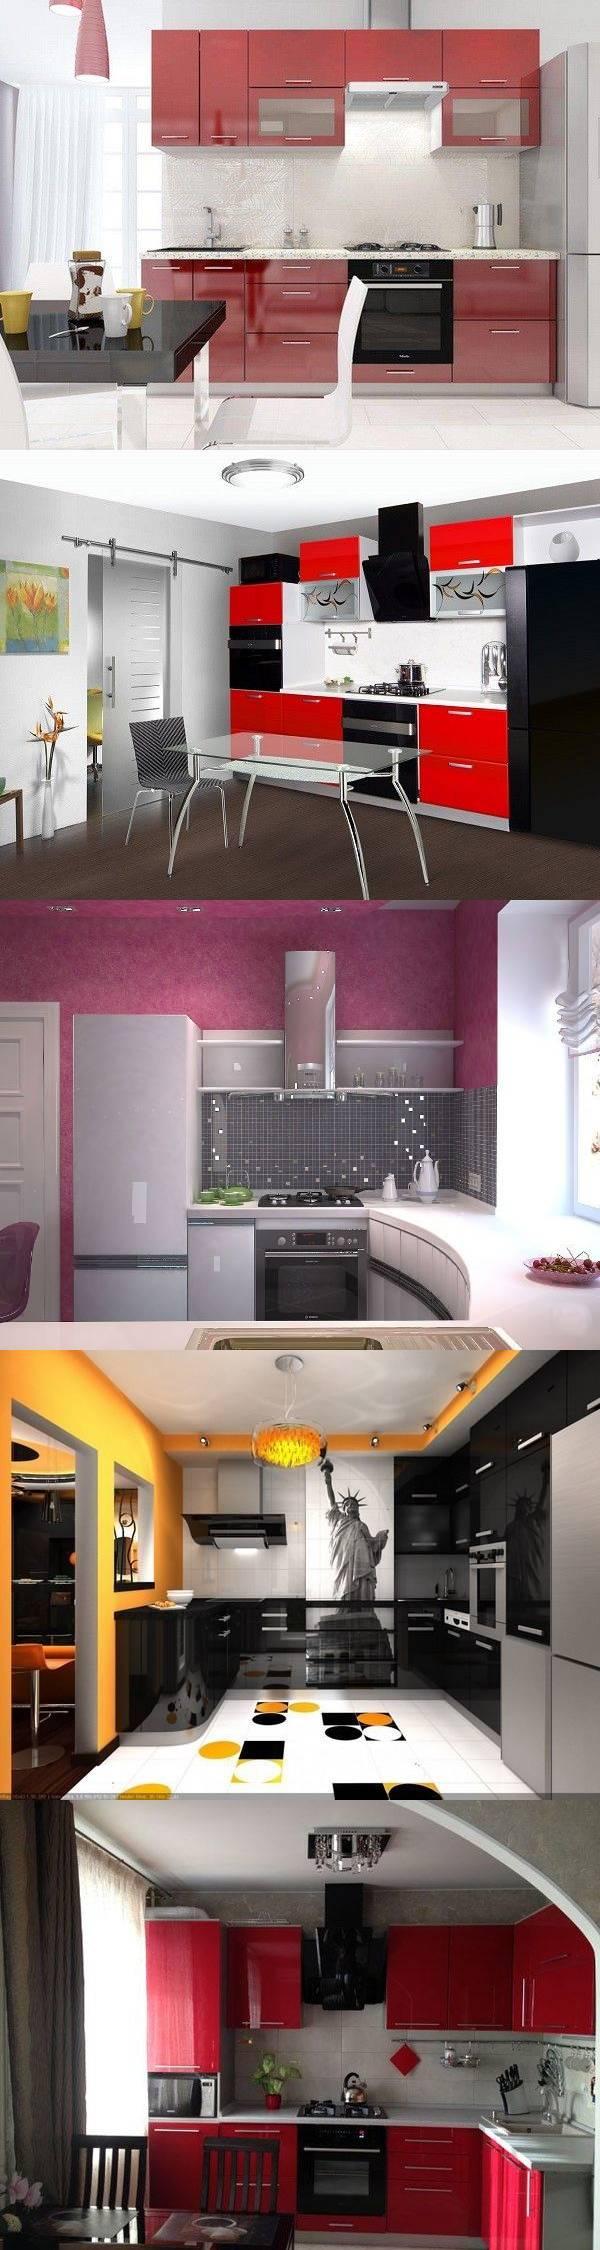 Кухня в стиле хай-тек — 26 идей